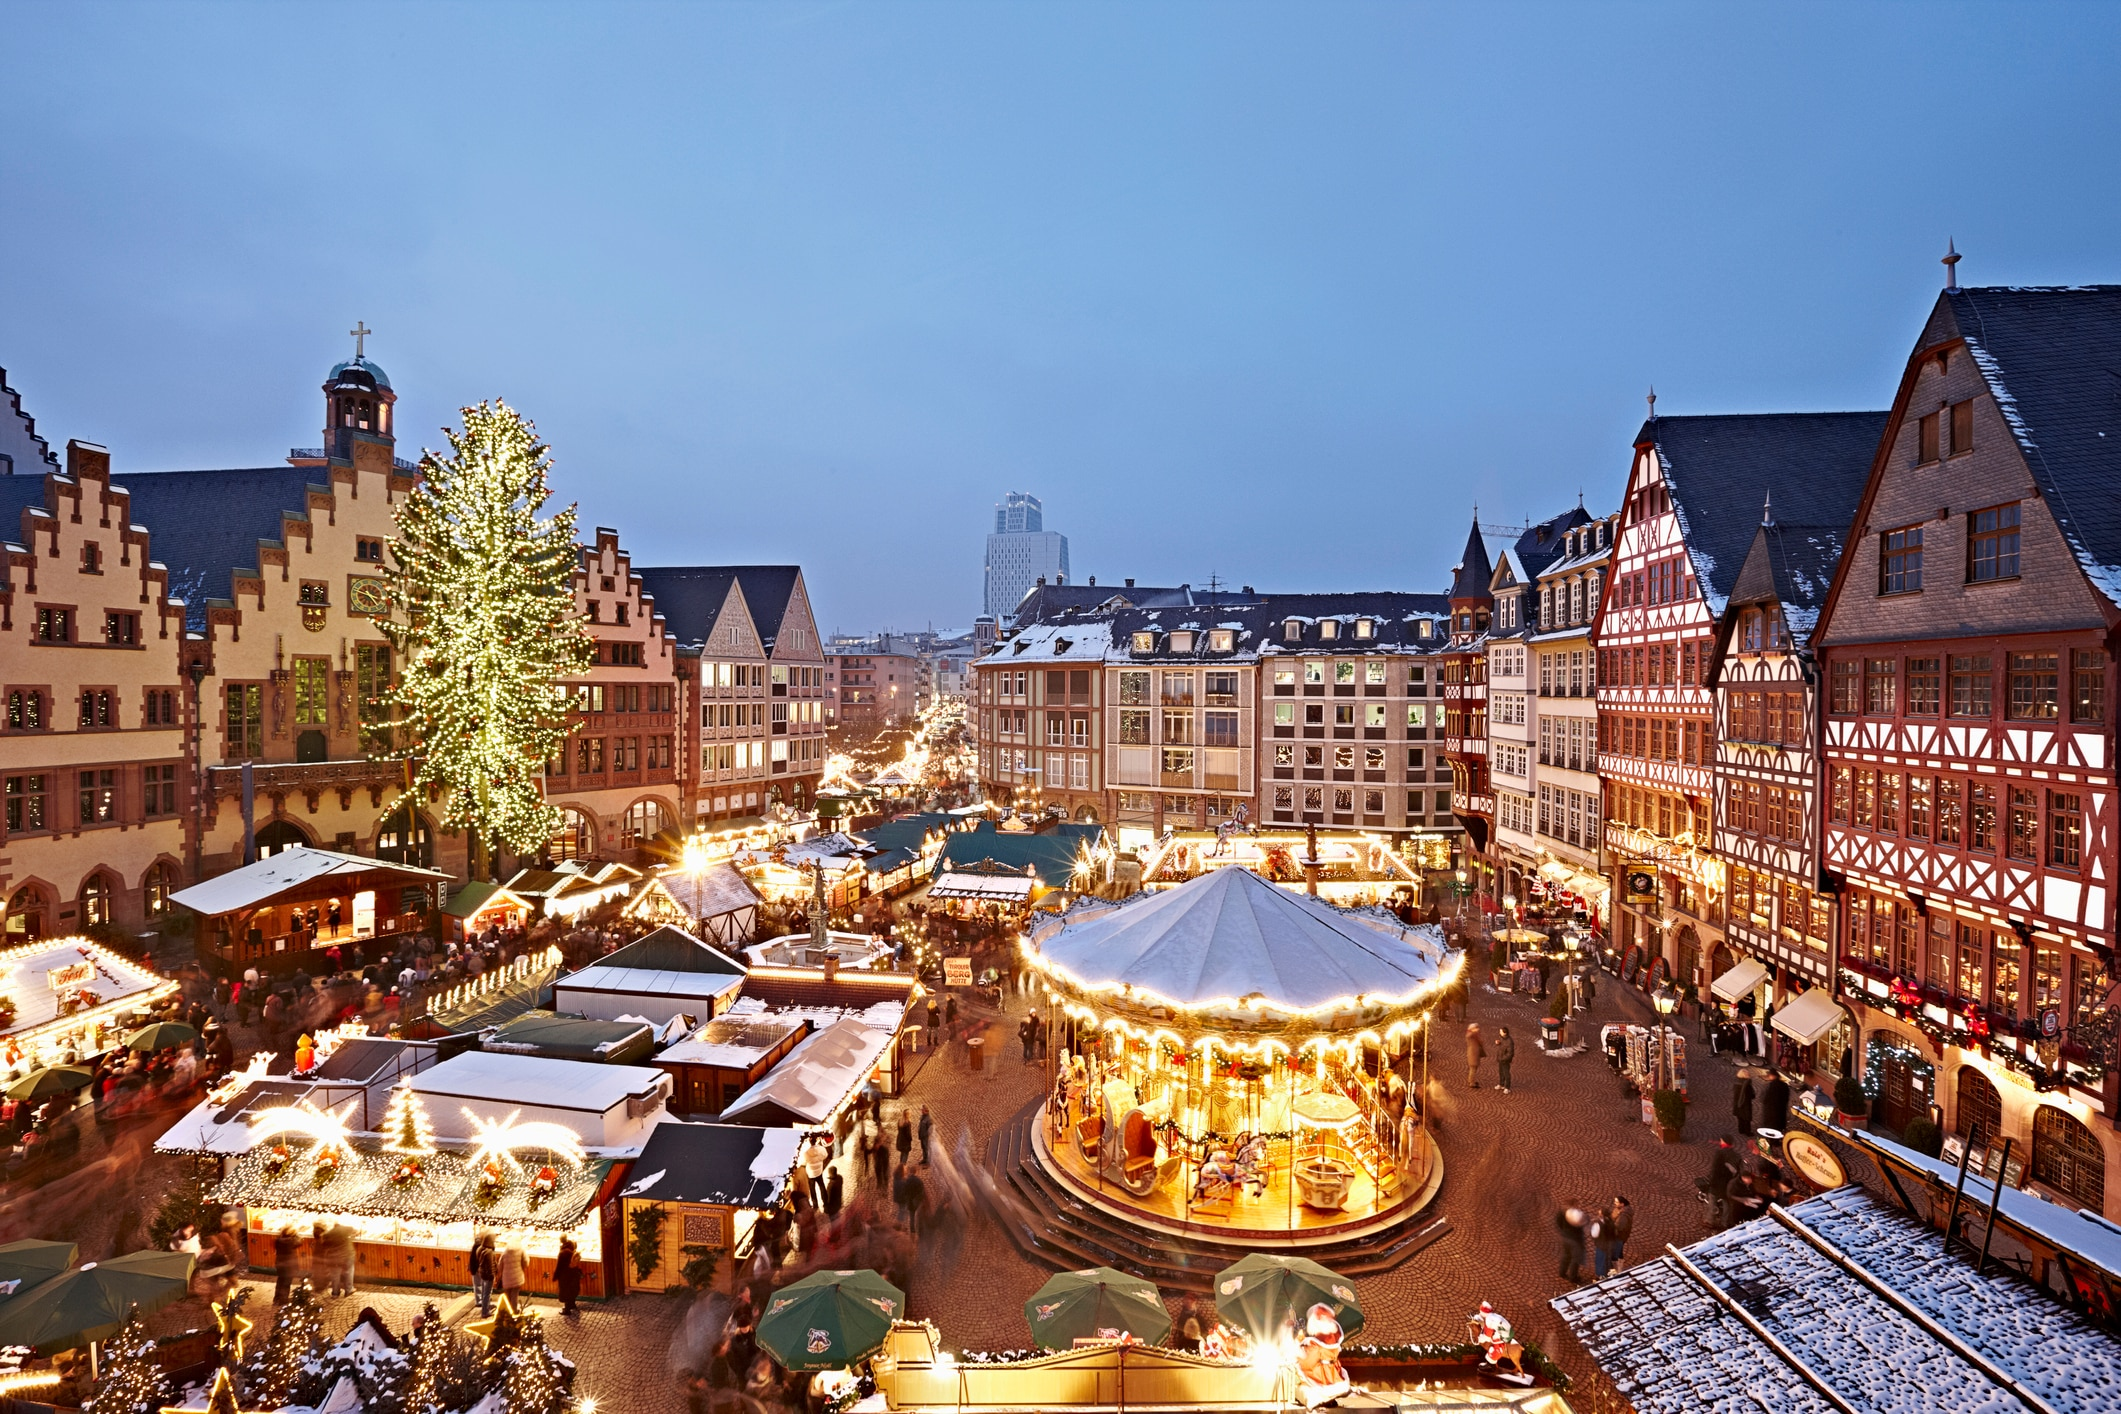 Das ist der schönste Weihnachtsmarkt Deutschlands